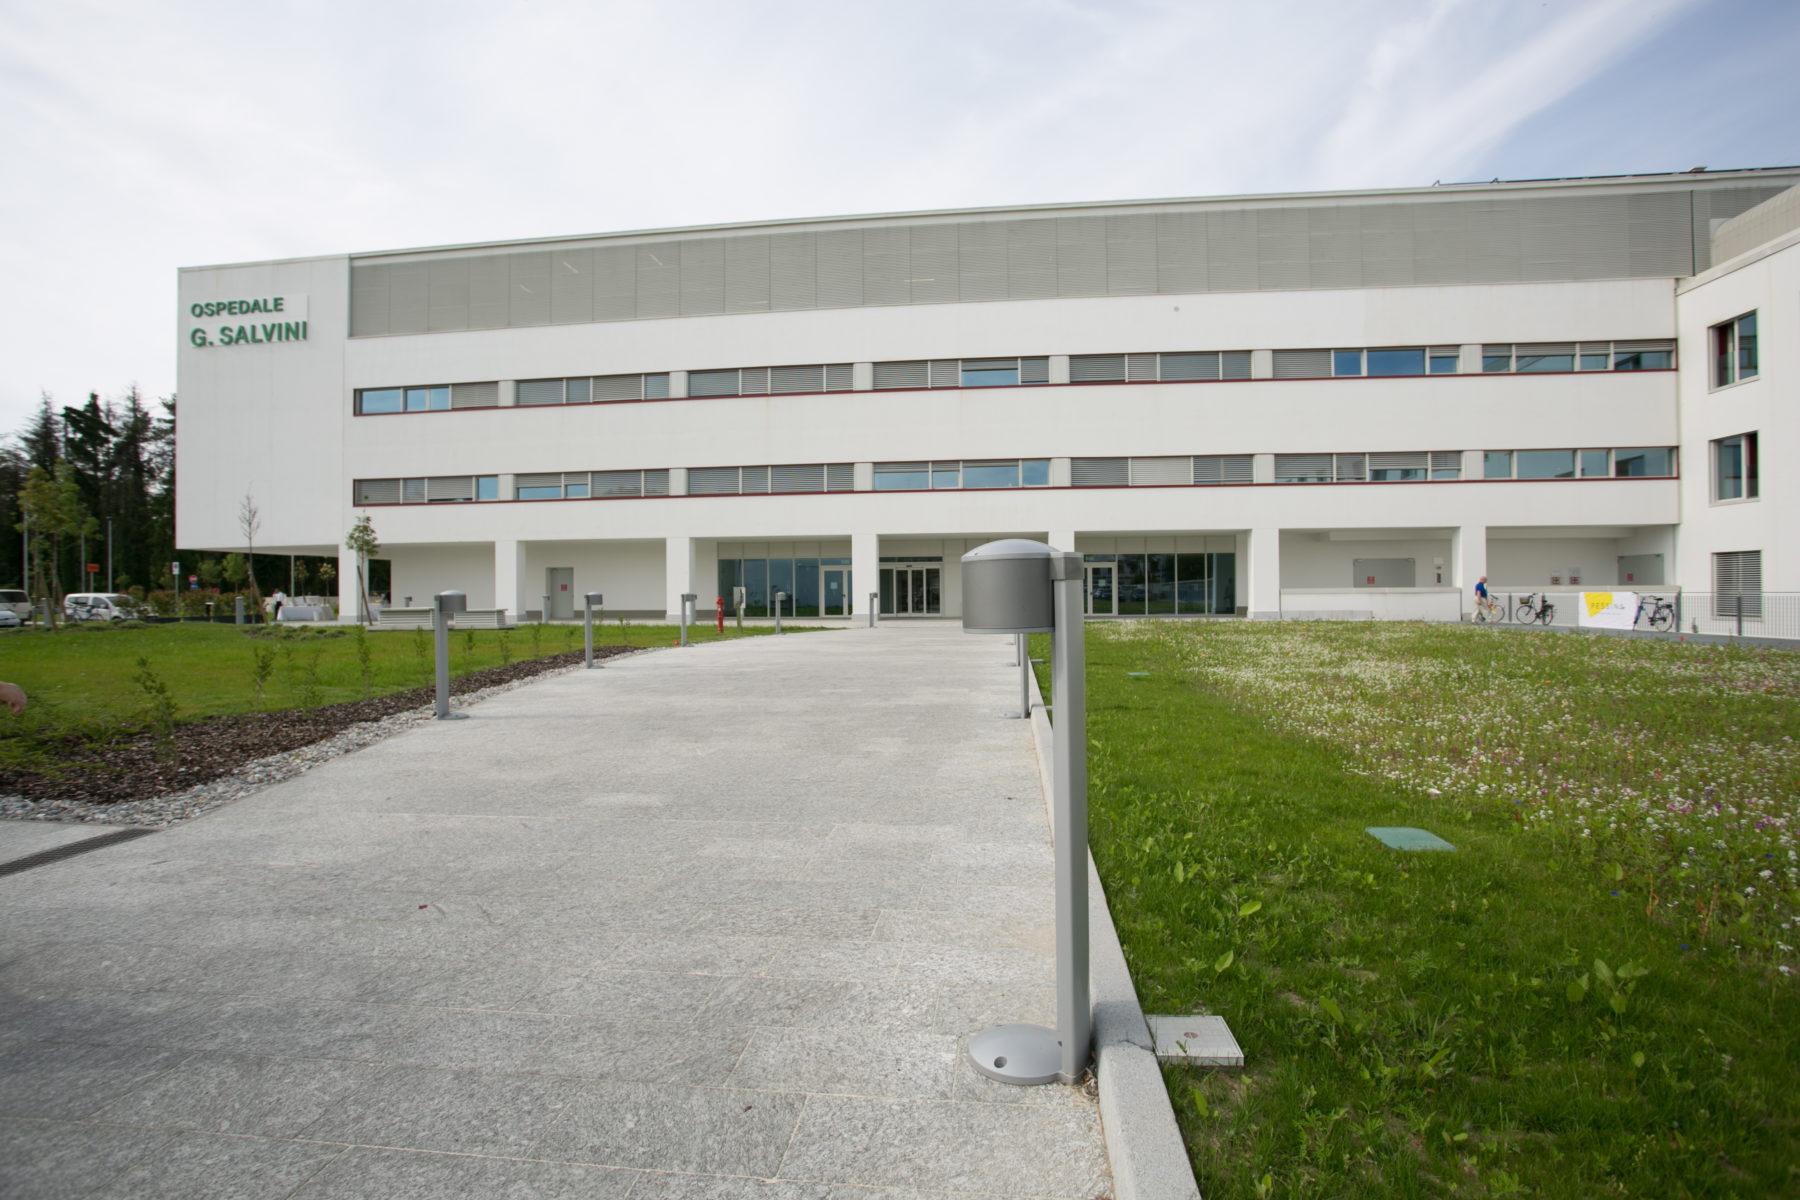 Primi segnali di fase 2 anche nei piccoli Comuni dell'hinterland - ospedale di Garbagnate